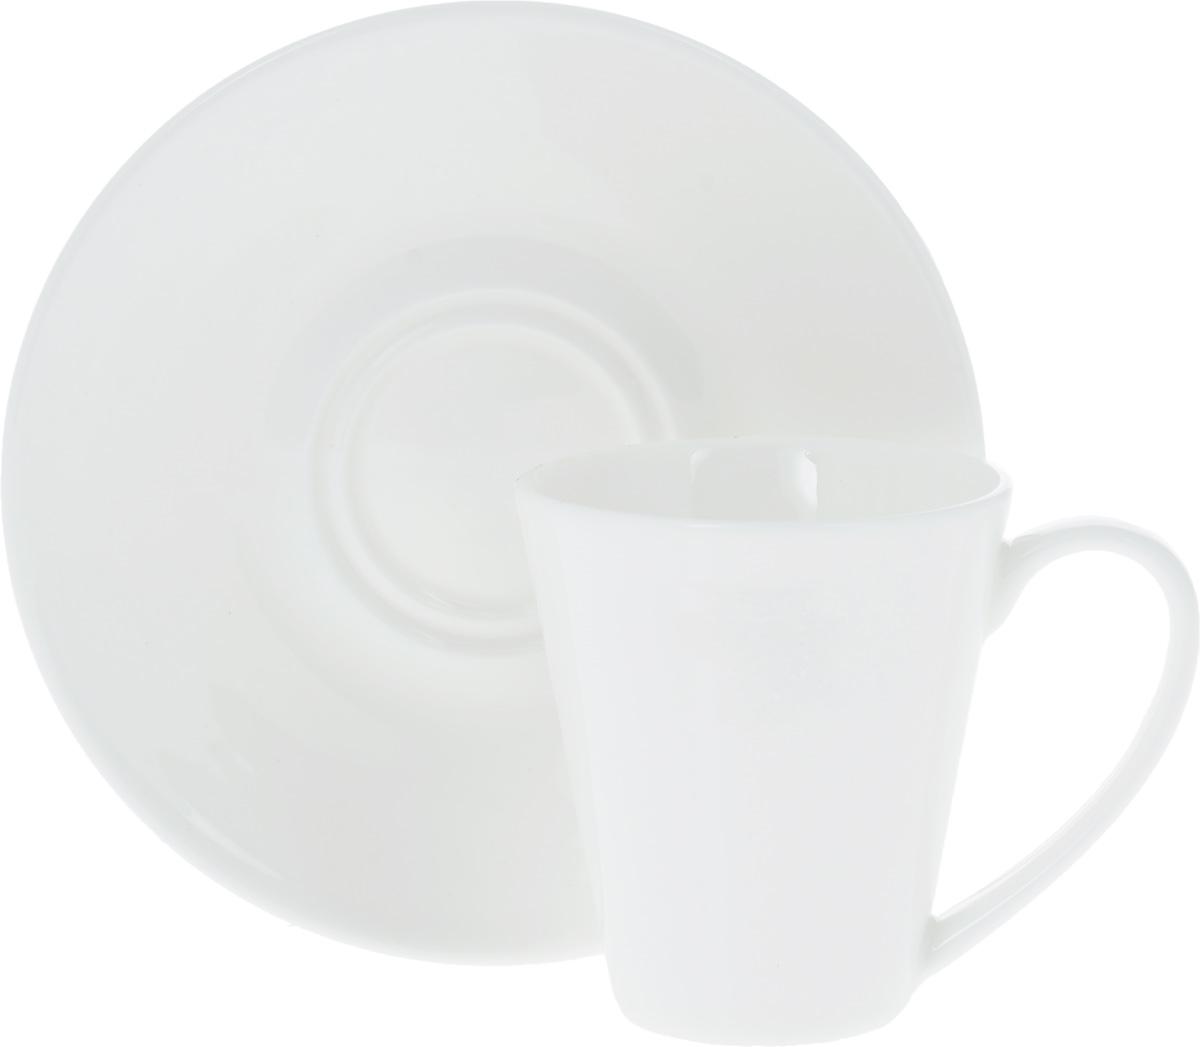 Кофейная пара Wilmax, 2 предмета. WL-993054 / AB54 009312Кофейная пара Wilmax состоит из чашки и блюдца. Изделия выполнены из высококачественного фарфора, покрытого слоем глазури. Изделия имеют лаконичный дизайн, просты и функциональны в использовании. Кофейная пара Wilmax украсит ваш кухонный стол, а также станет замечательным подарком к любому празднику.Изделия можно мыть в посудомоечной машине и ставить в микроволновую печь.Объем чашки: 110 мл.Диаметр чашки (по верхнему краю): 6 см.Высота чашки: 7 см.Диаметр блюдца: 13 см.